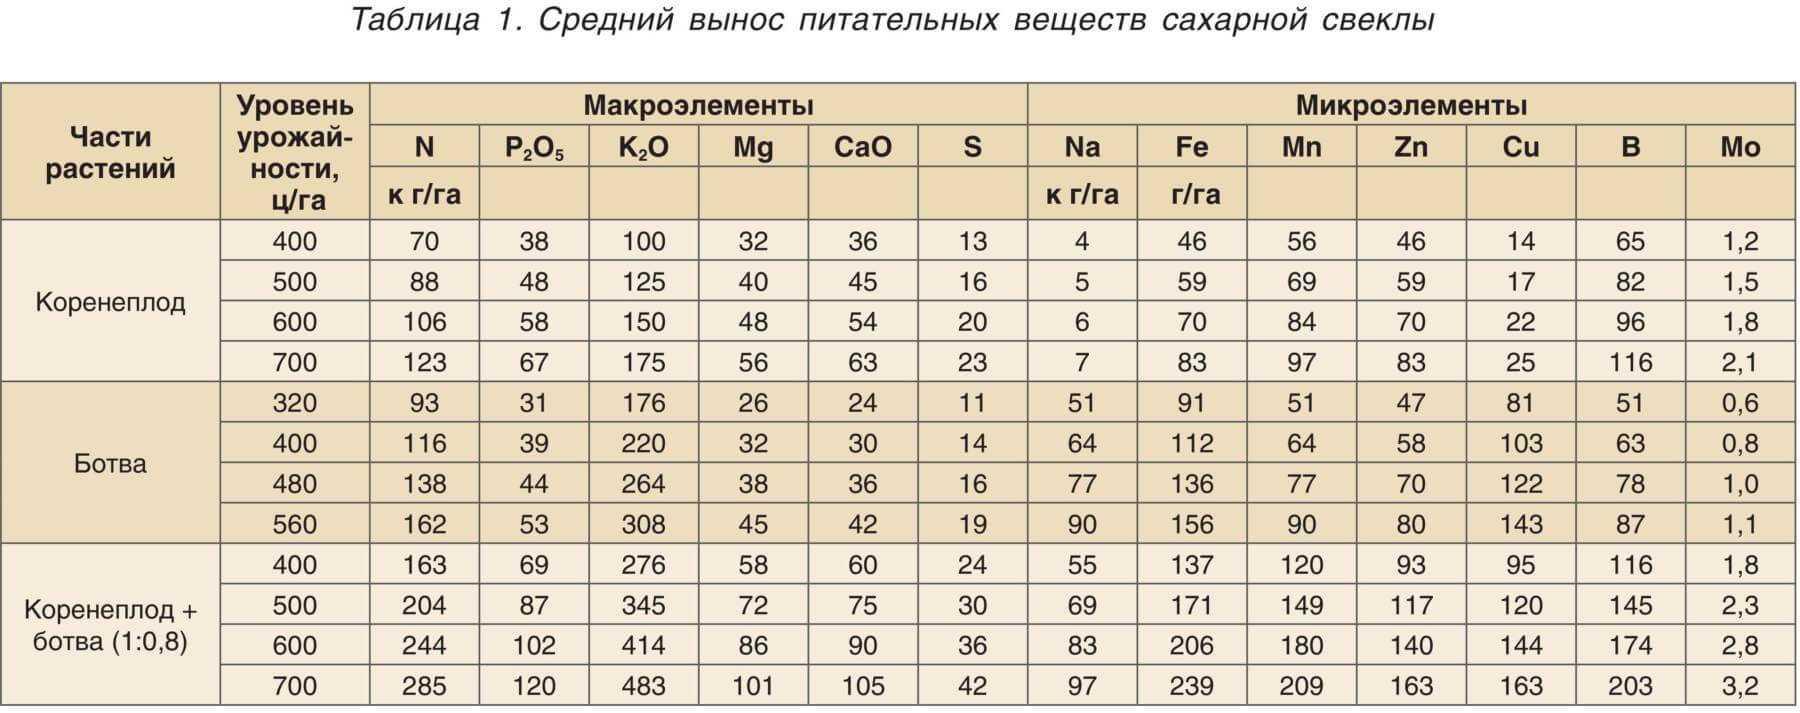 Средний вынос питательных веществ сахарной свеклой